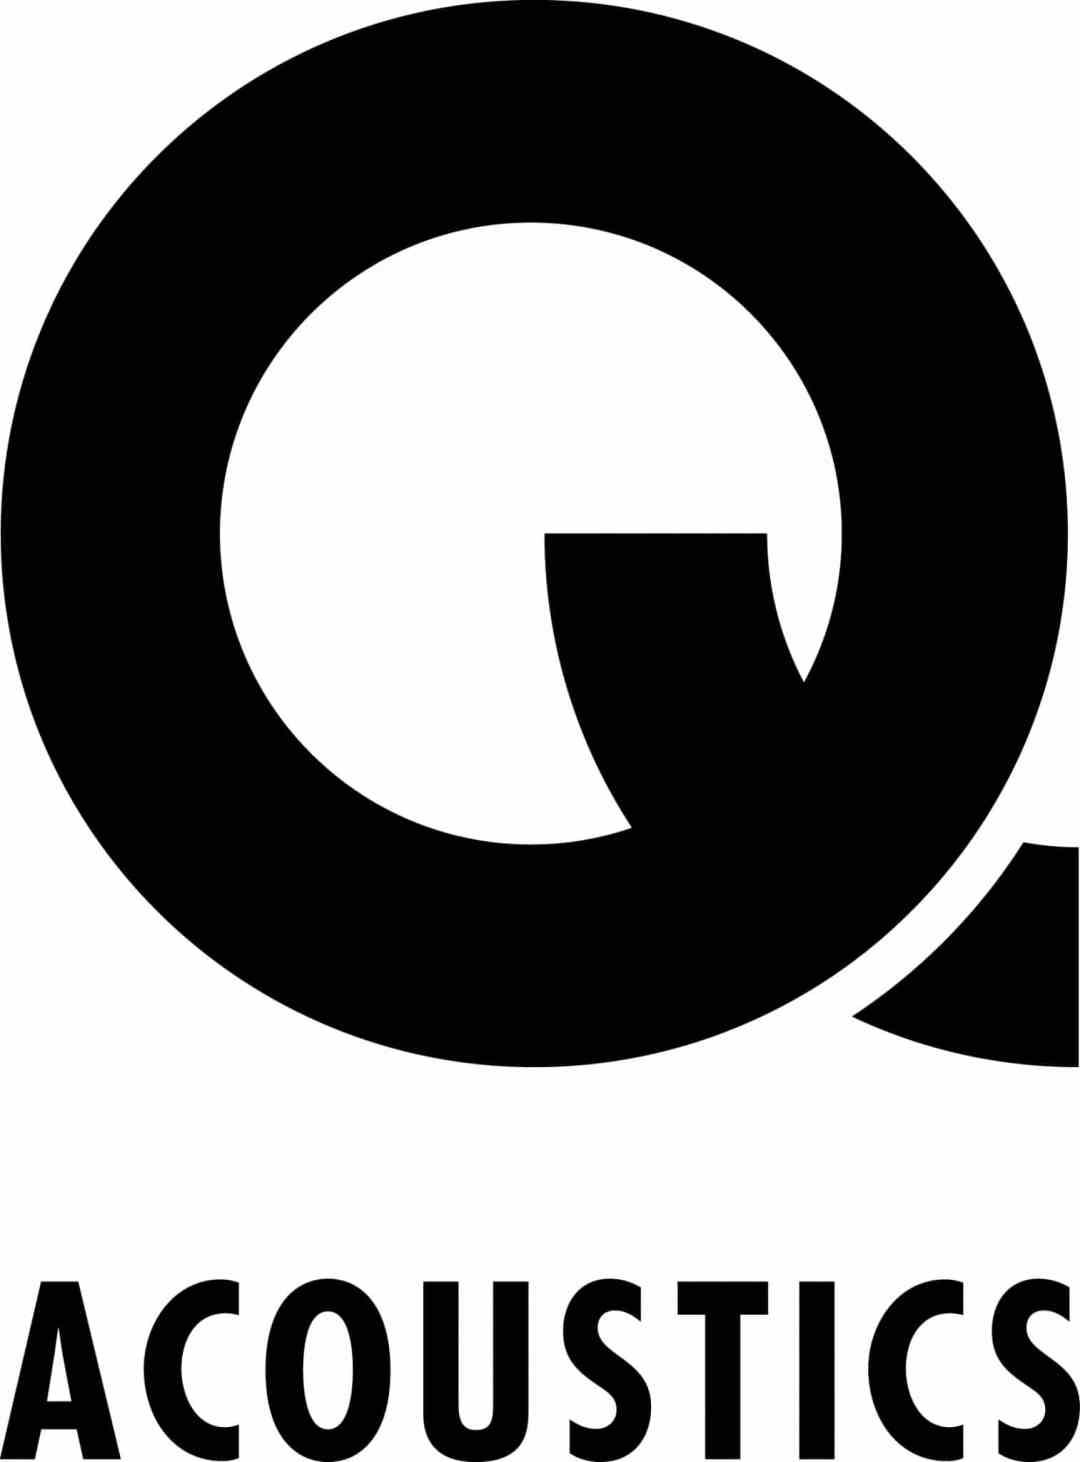 q_acoustics_logo_black_solid